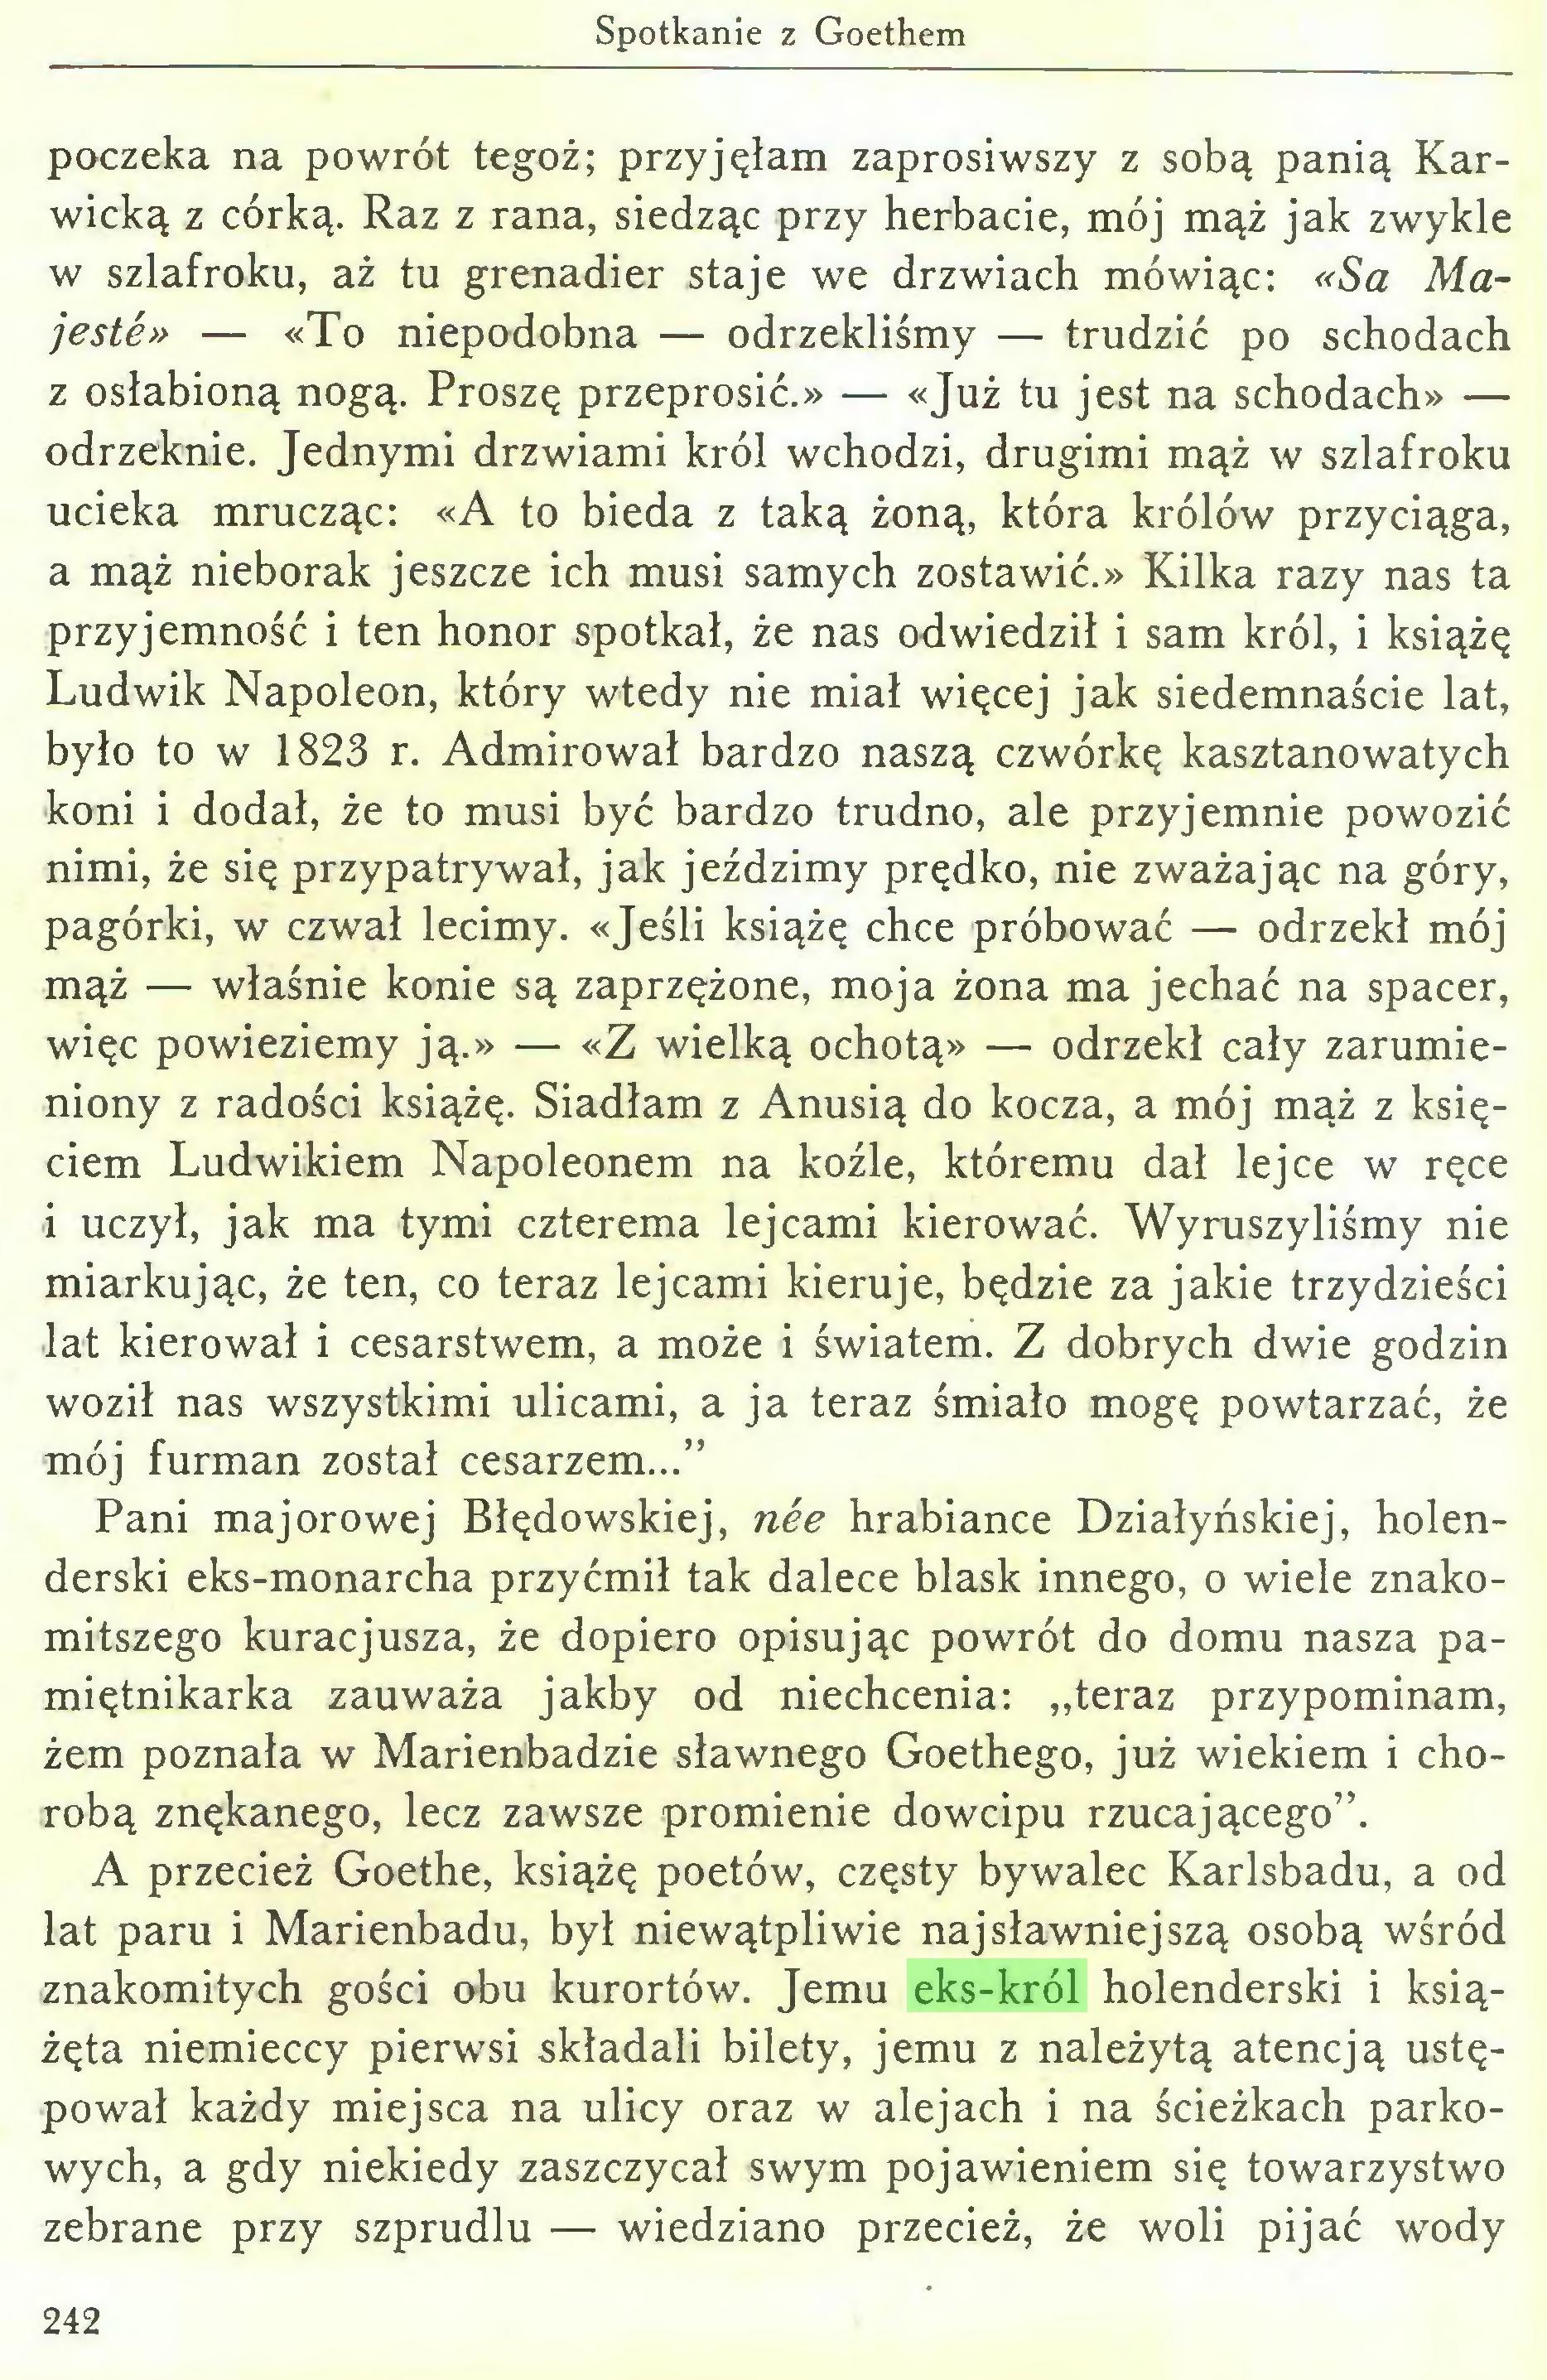 (...) A przecież Goethe, książę poetów, częsty bywalec Karlsbadu, a od lat paru i Marienbadu, był niewątpliwie najsławniejszą osobą wśród znakomitych gości obu kurortów. Jemu eks-król holenderski i książęta niemieccy pierwsi składali bilety, jemu z należytą atencją ustępował każdy miejsca na ulicy oraz w alejach i na ścieżkach parkowych, a gdy niekiedy zaszczycał swym pojawieniem się towarzystwo zebrane przy szprudlu — wiedziano przecież, że woli pijać wody 242 Pan tajny radca...